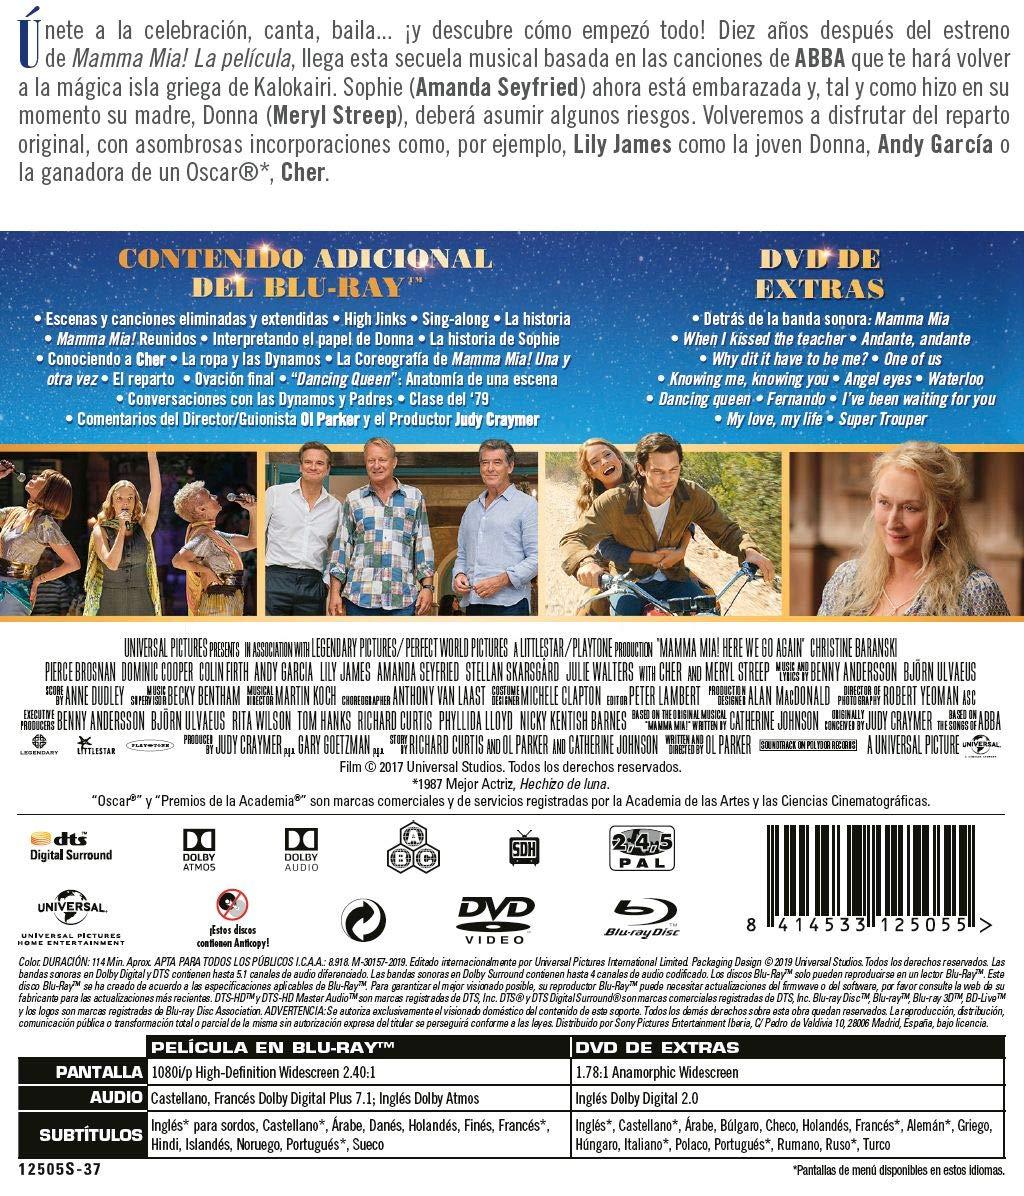 Mamma mia! Una y otra vez (BD + DVD Extras) [Blu-ray]: Amazon.es ...